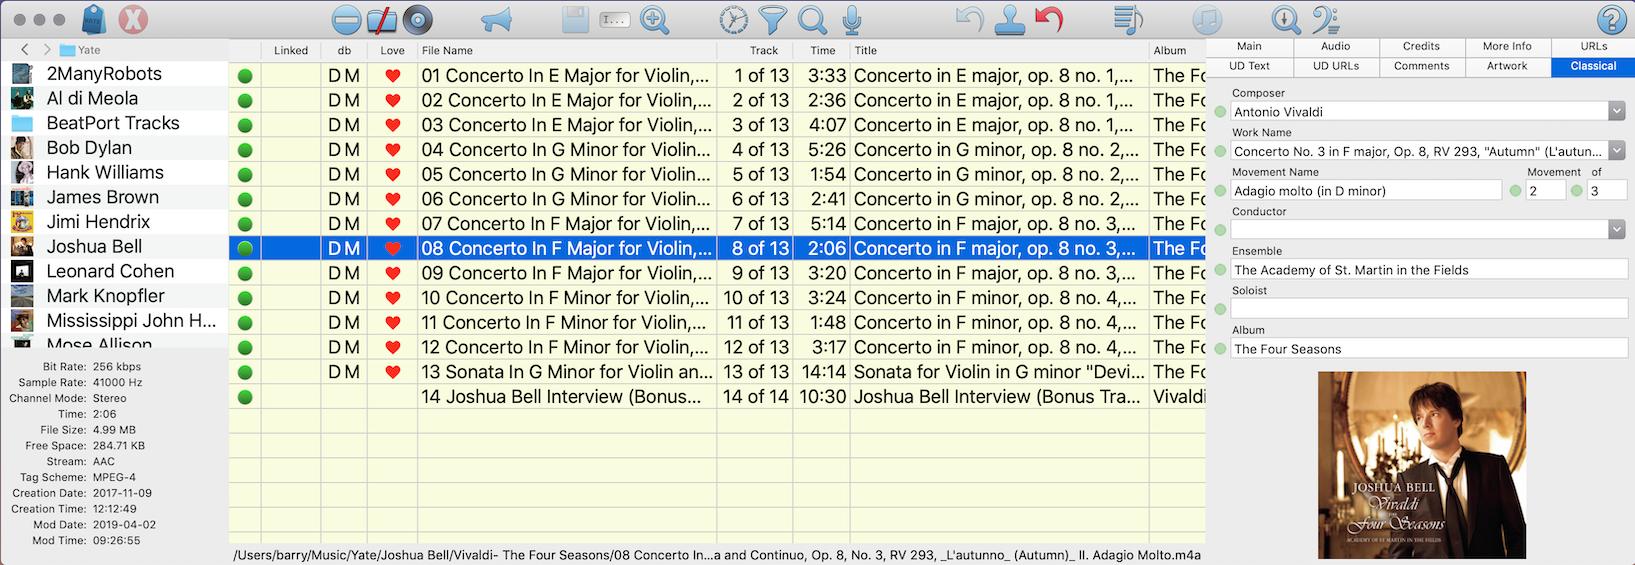 Yate 6.2.0.1 Mac 破解版 音乐标签及管理工具